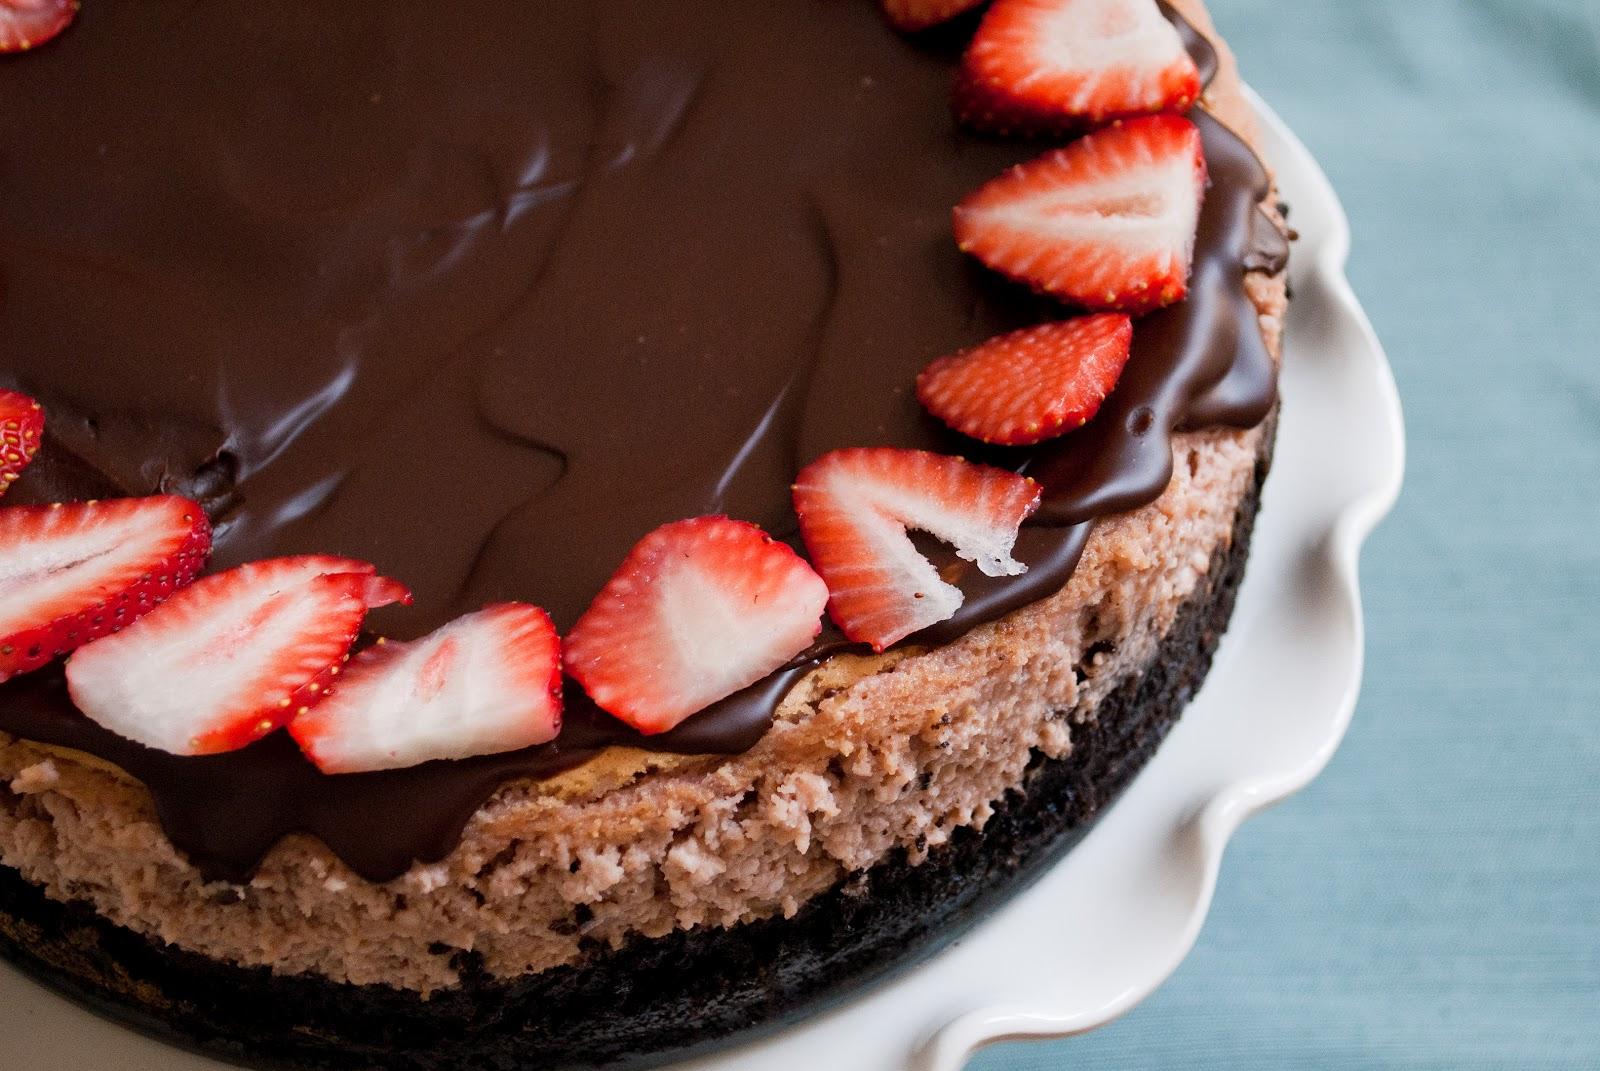 Chocolate Strawberry Cheesecake Chocolate Strawberry